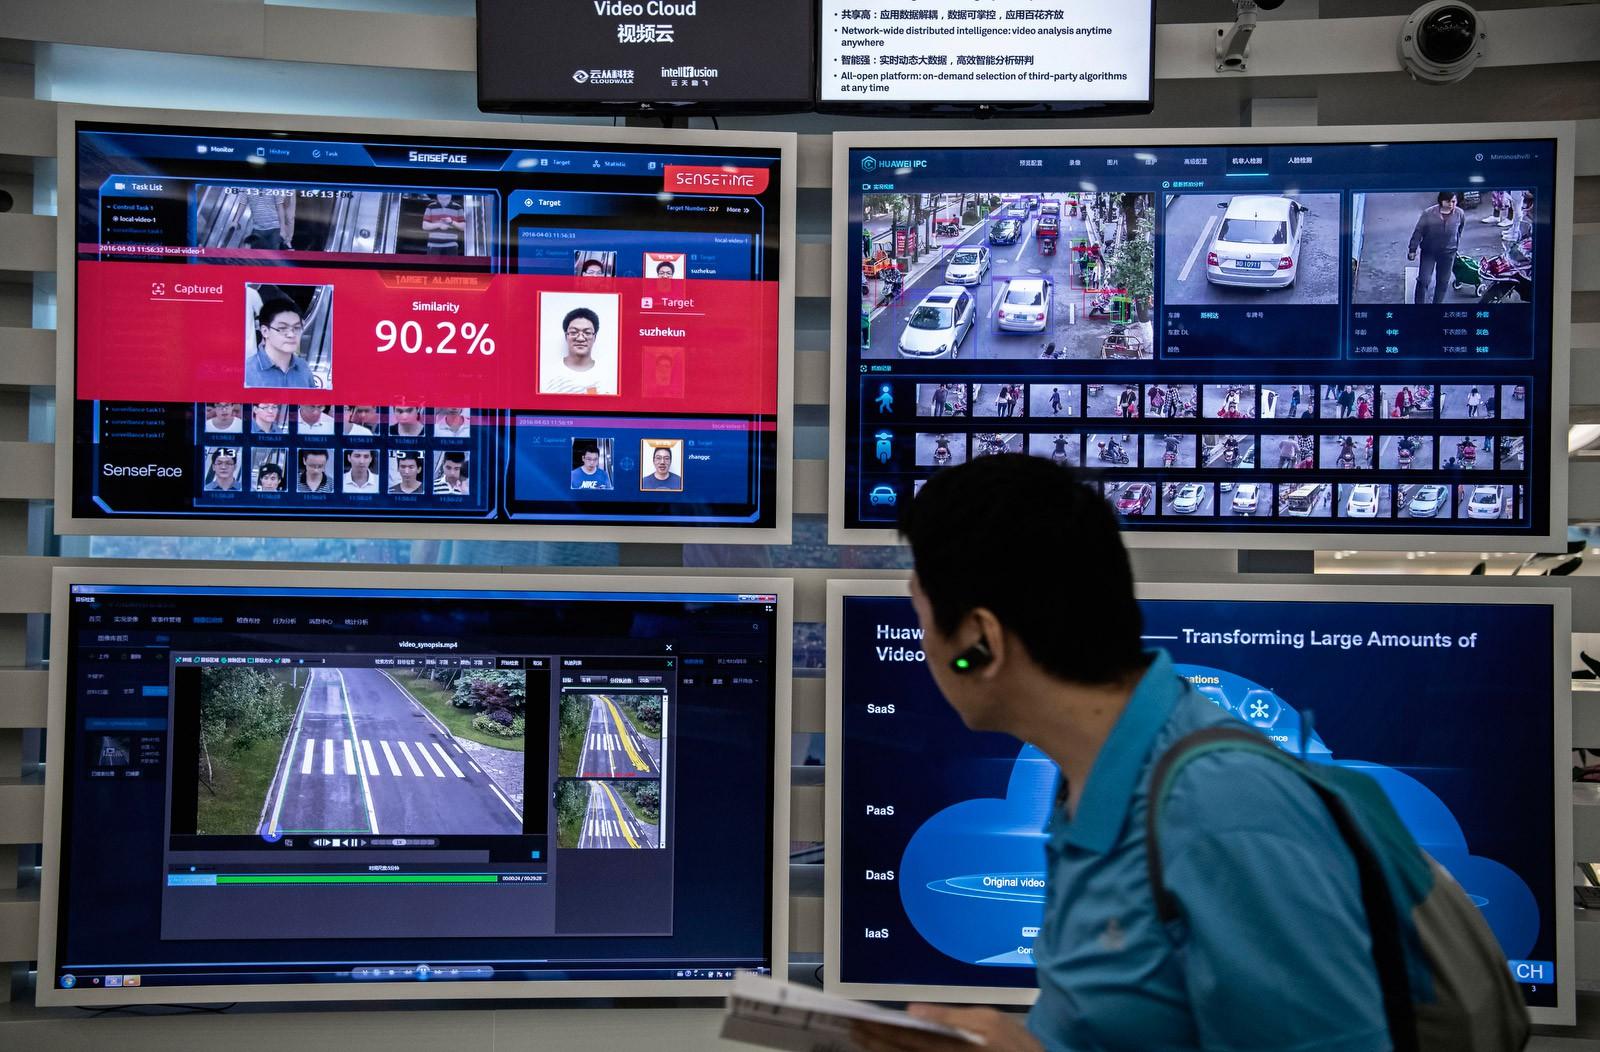 Bên trong Huawei: Đế chế công nghệ bí ẩn của thế giới nhưng là niềm mơ ước của người lao động Trung Quốc - Ảnh 5.